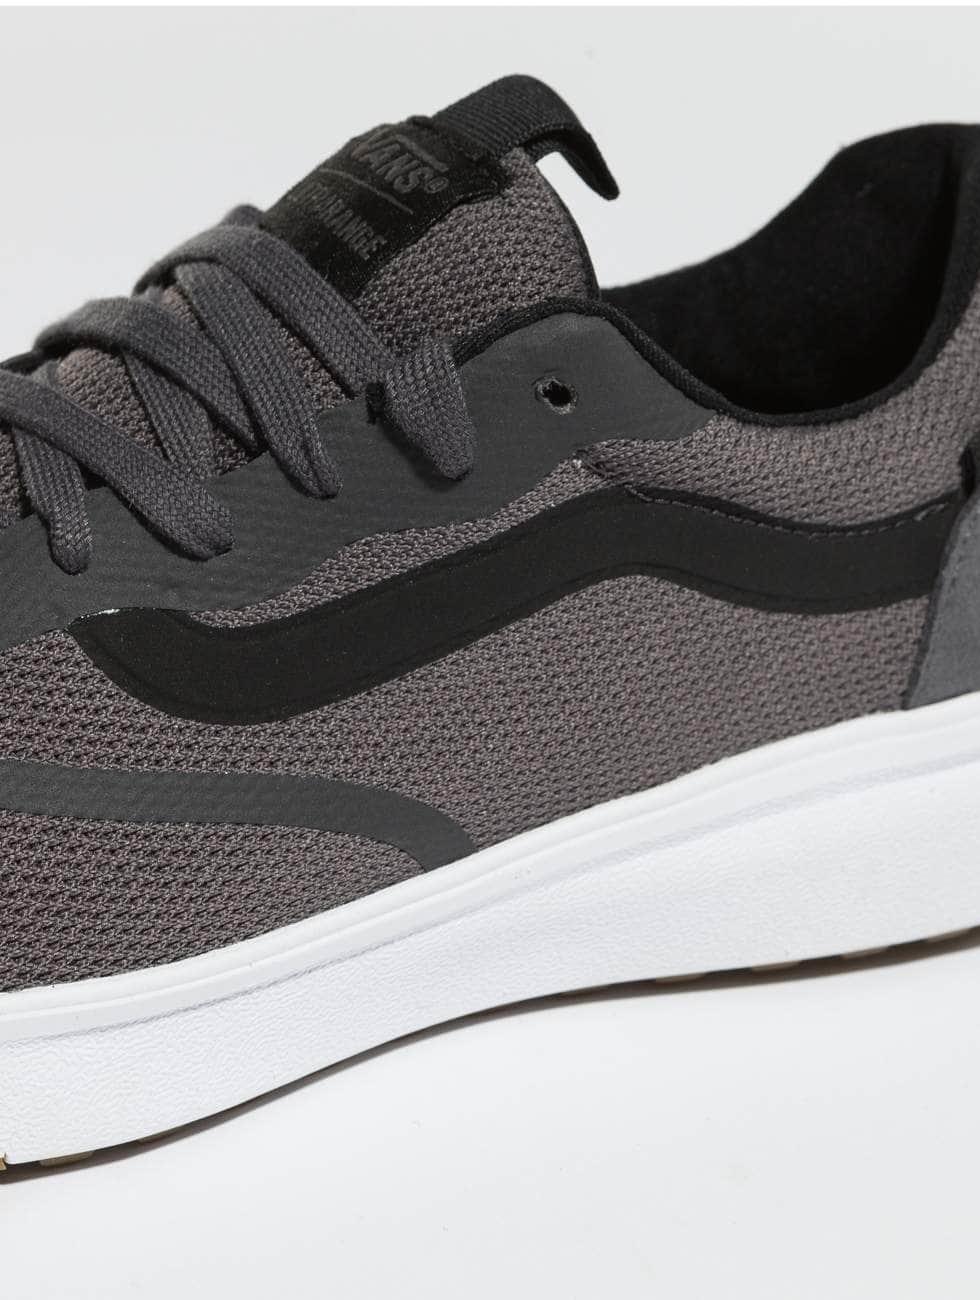 Vans schoen / sneaker UA UltraRange Rapidweld in grijs 425358 Klaring Nieuwe Stijlen eAOk9XwDv